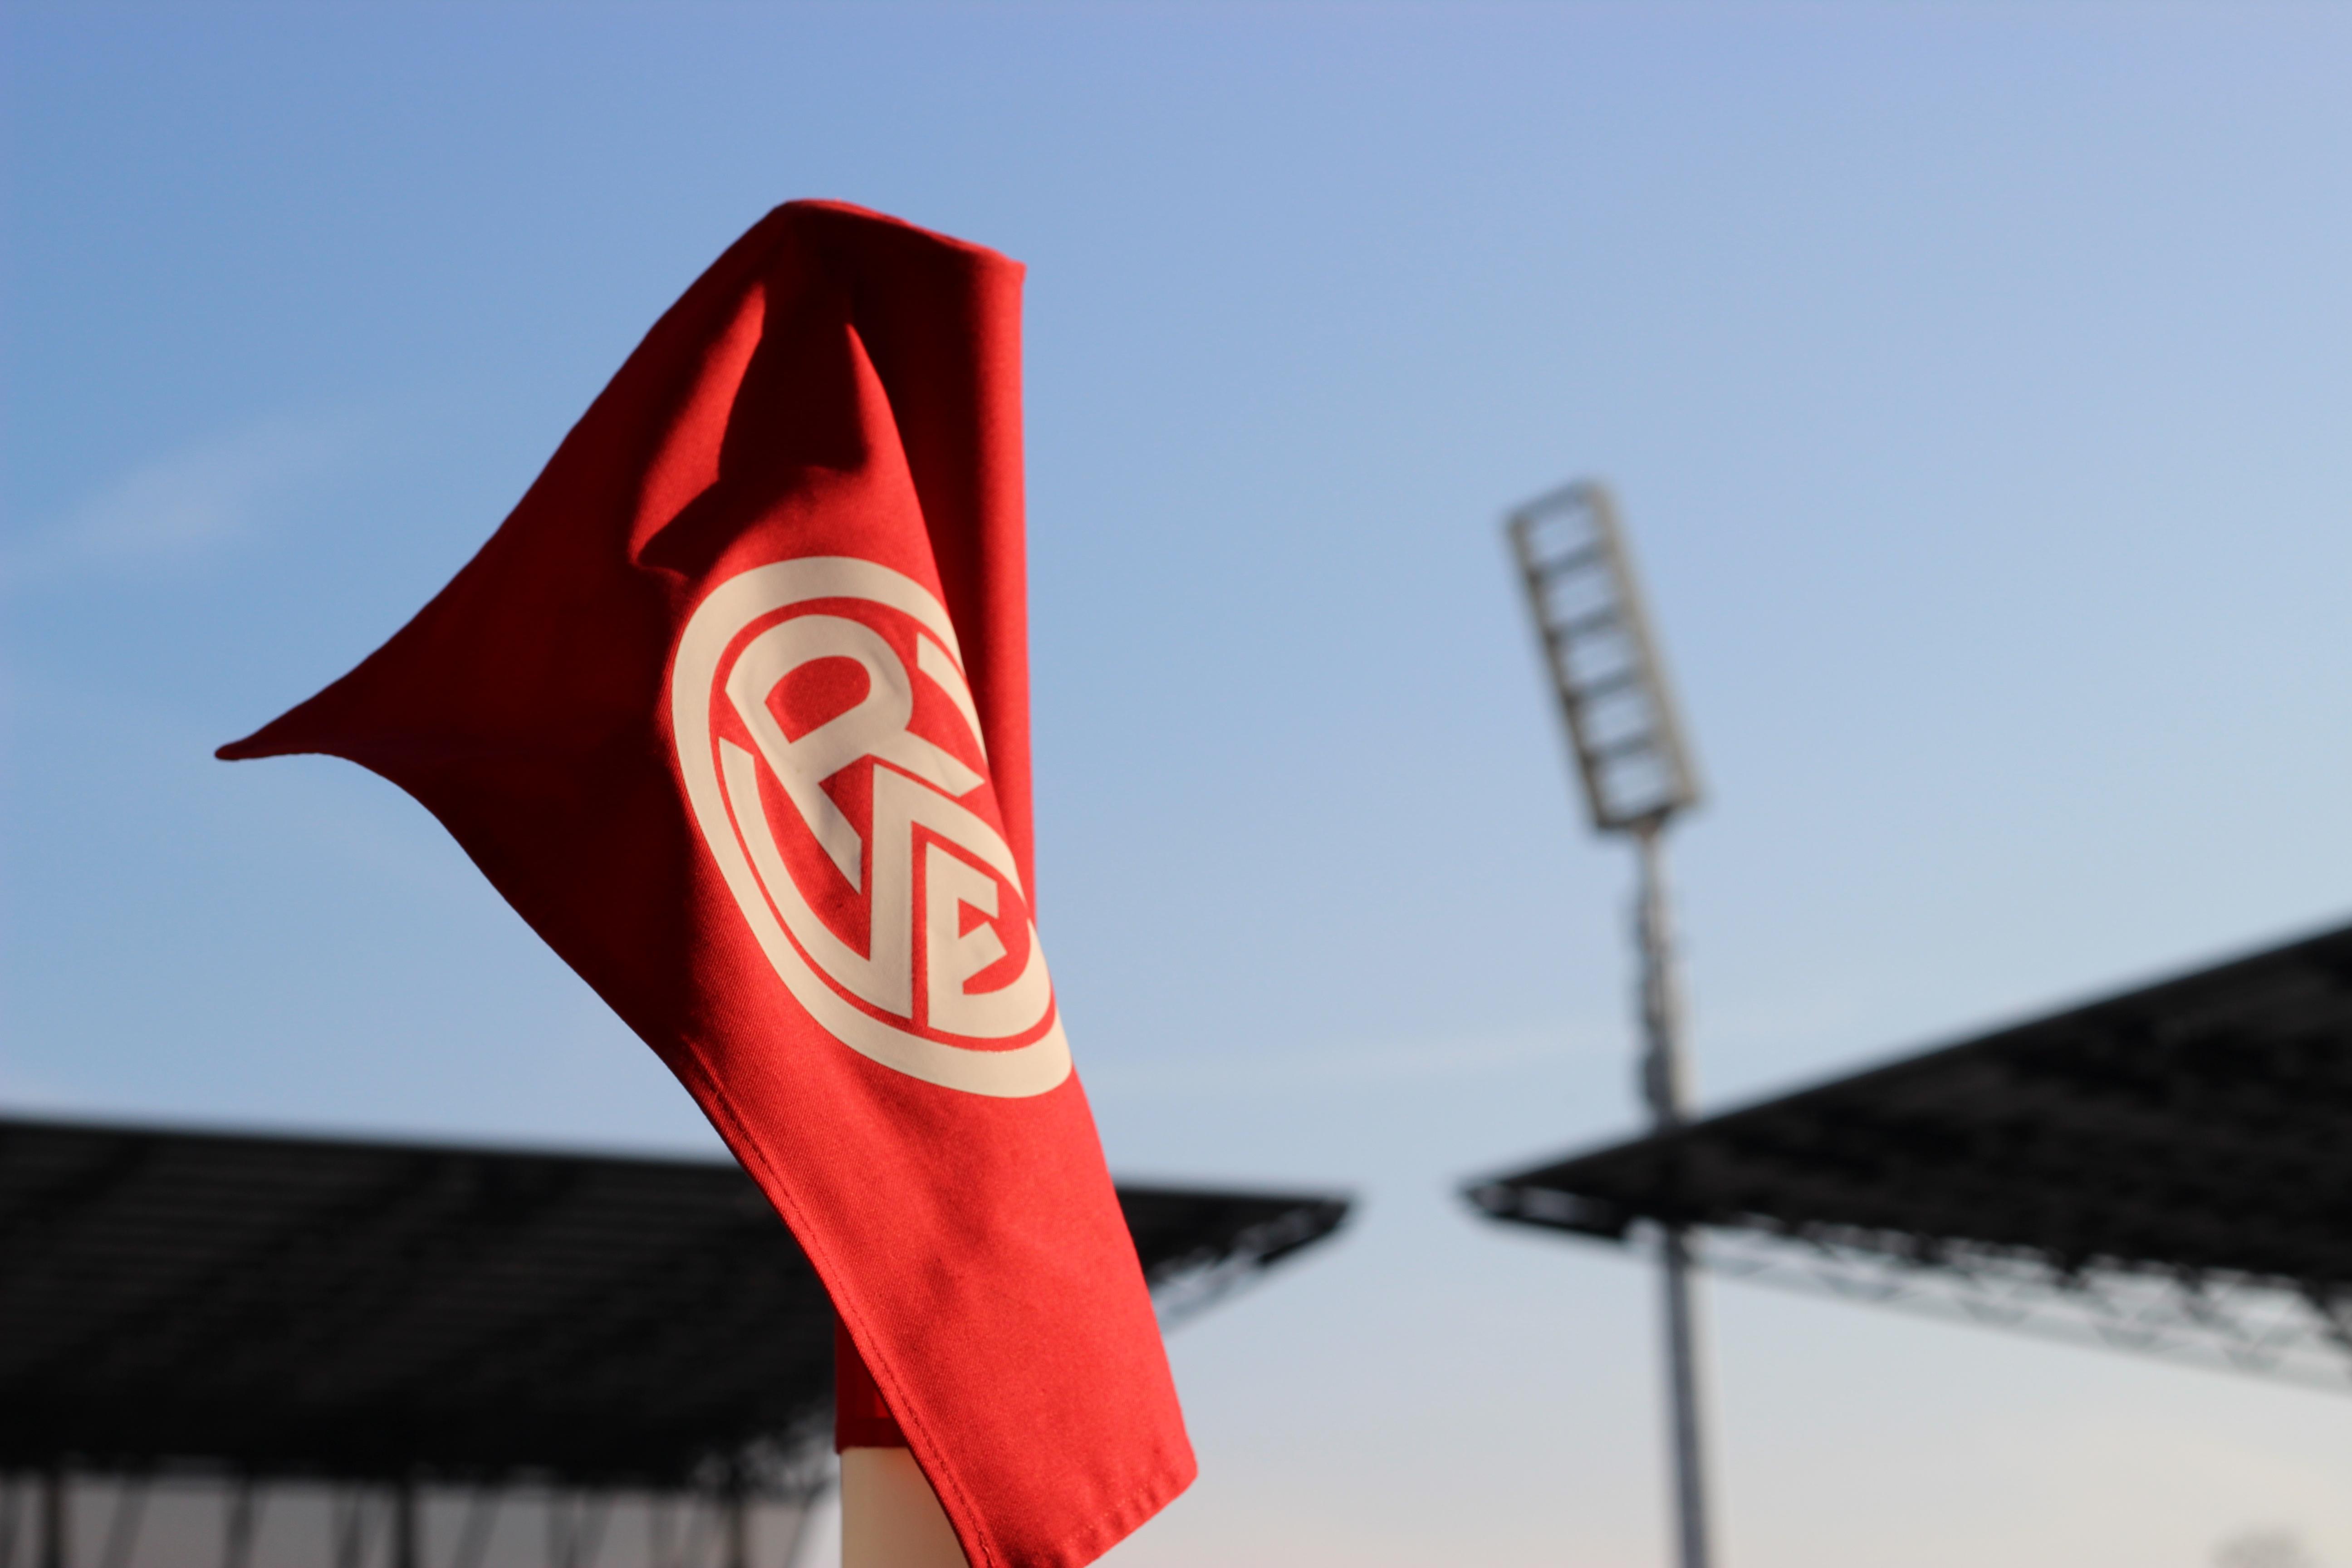 Der WDFV lehnt den Antrag von RWE, die Saison 2019/2020 sportlich auszutragen, ab.